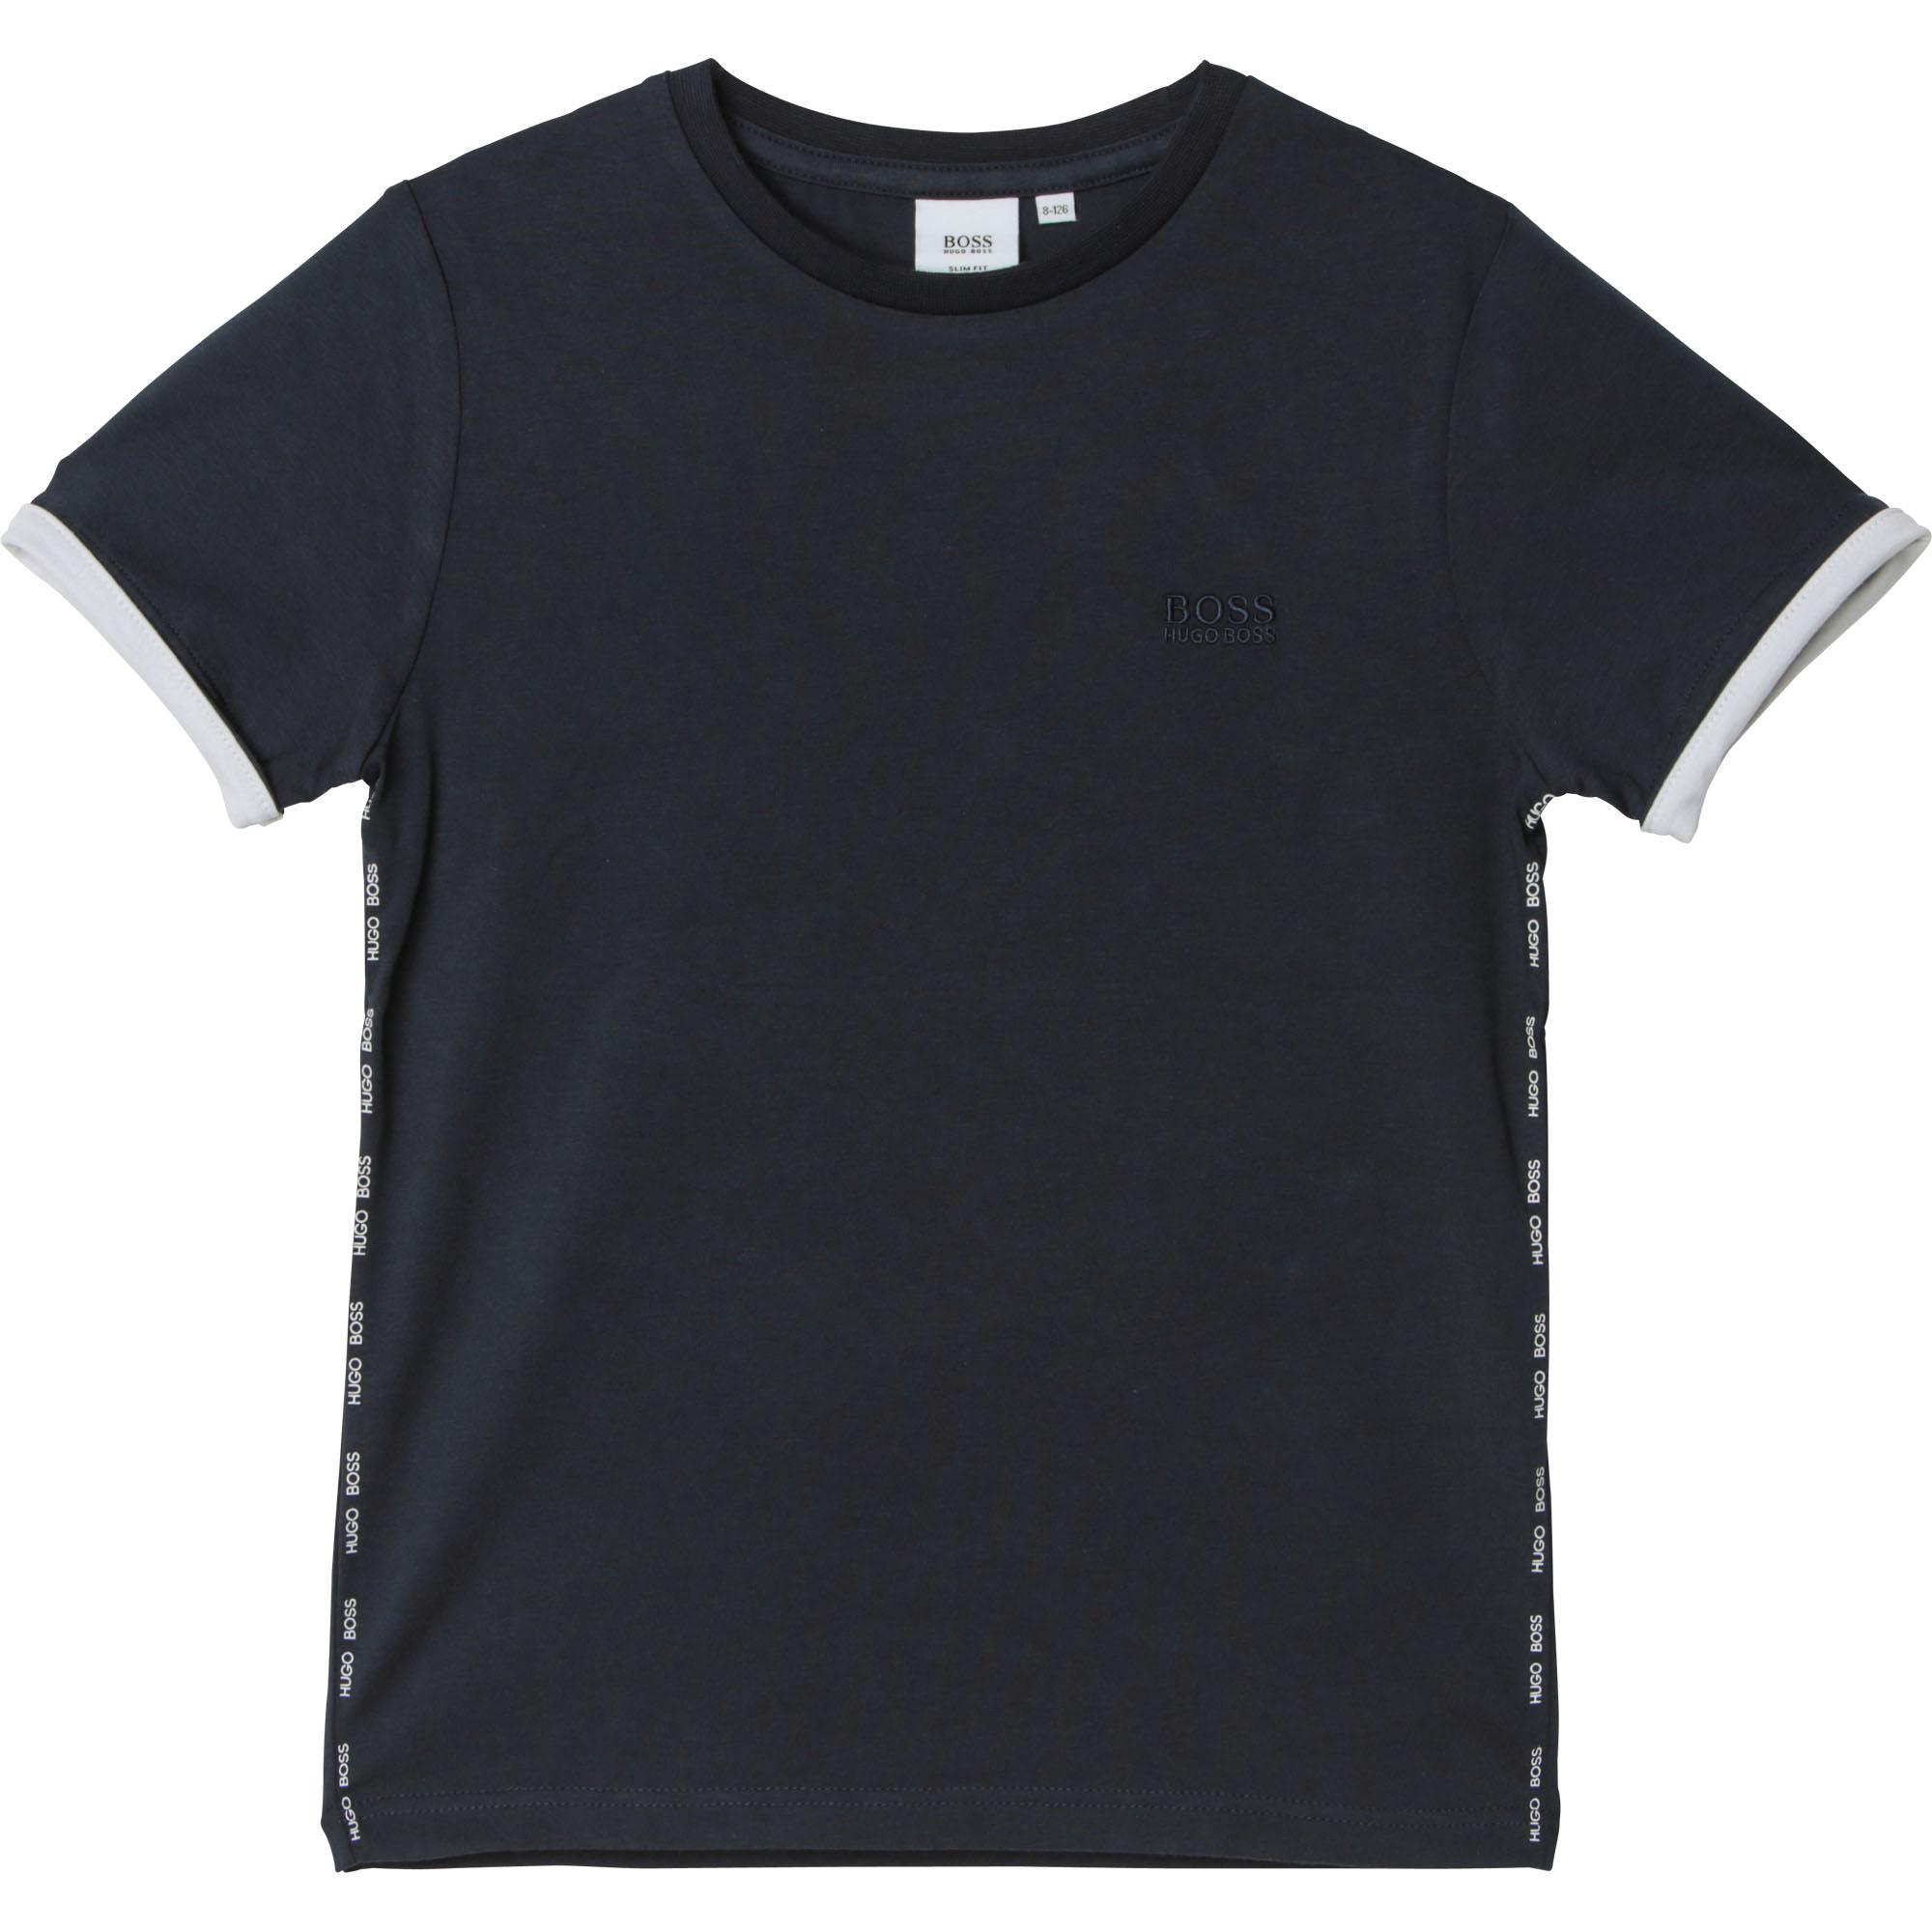 Camiseta Niño HUGO BOSS Marino